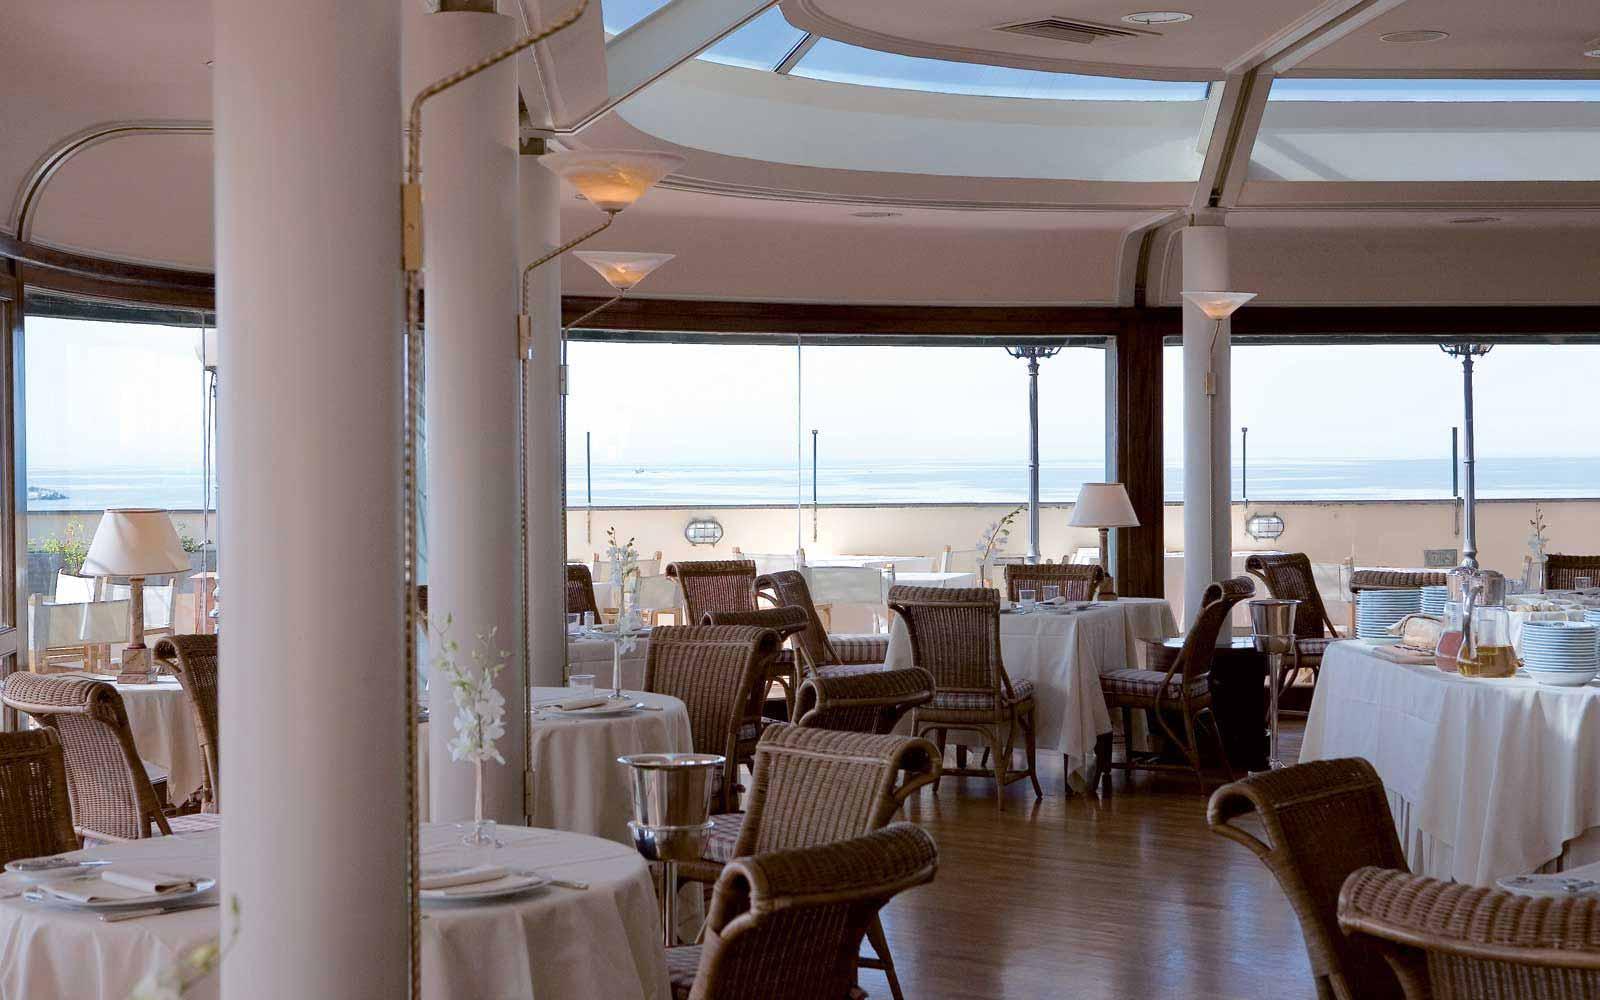 Restaurant at the Hotel Plaza e de Russie